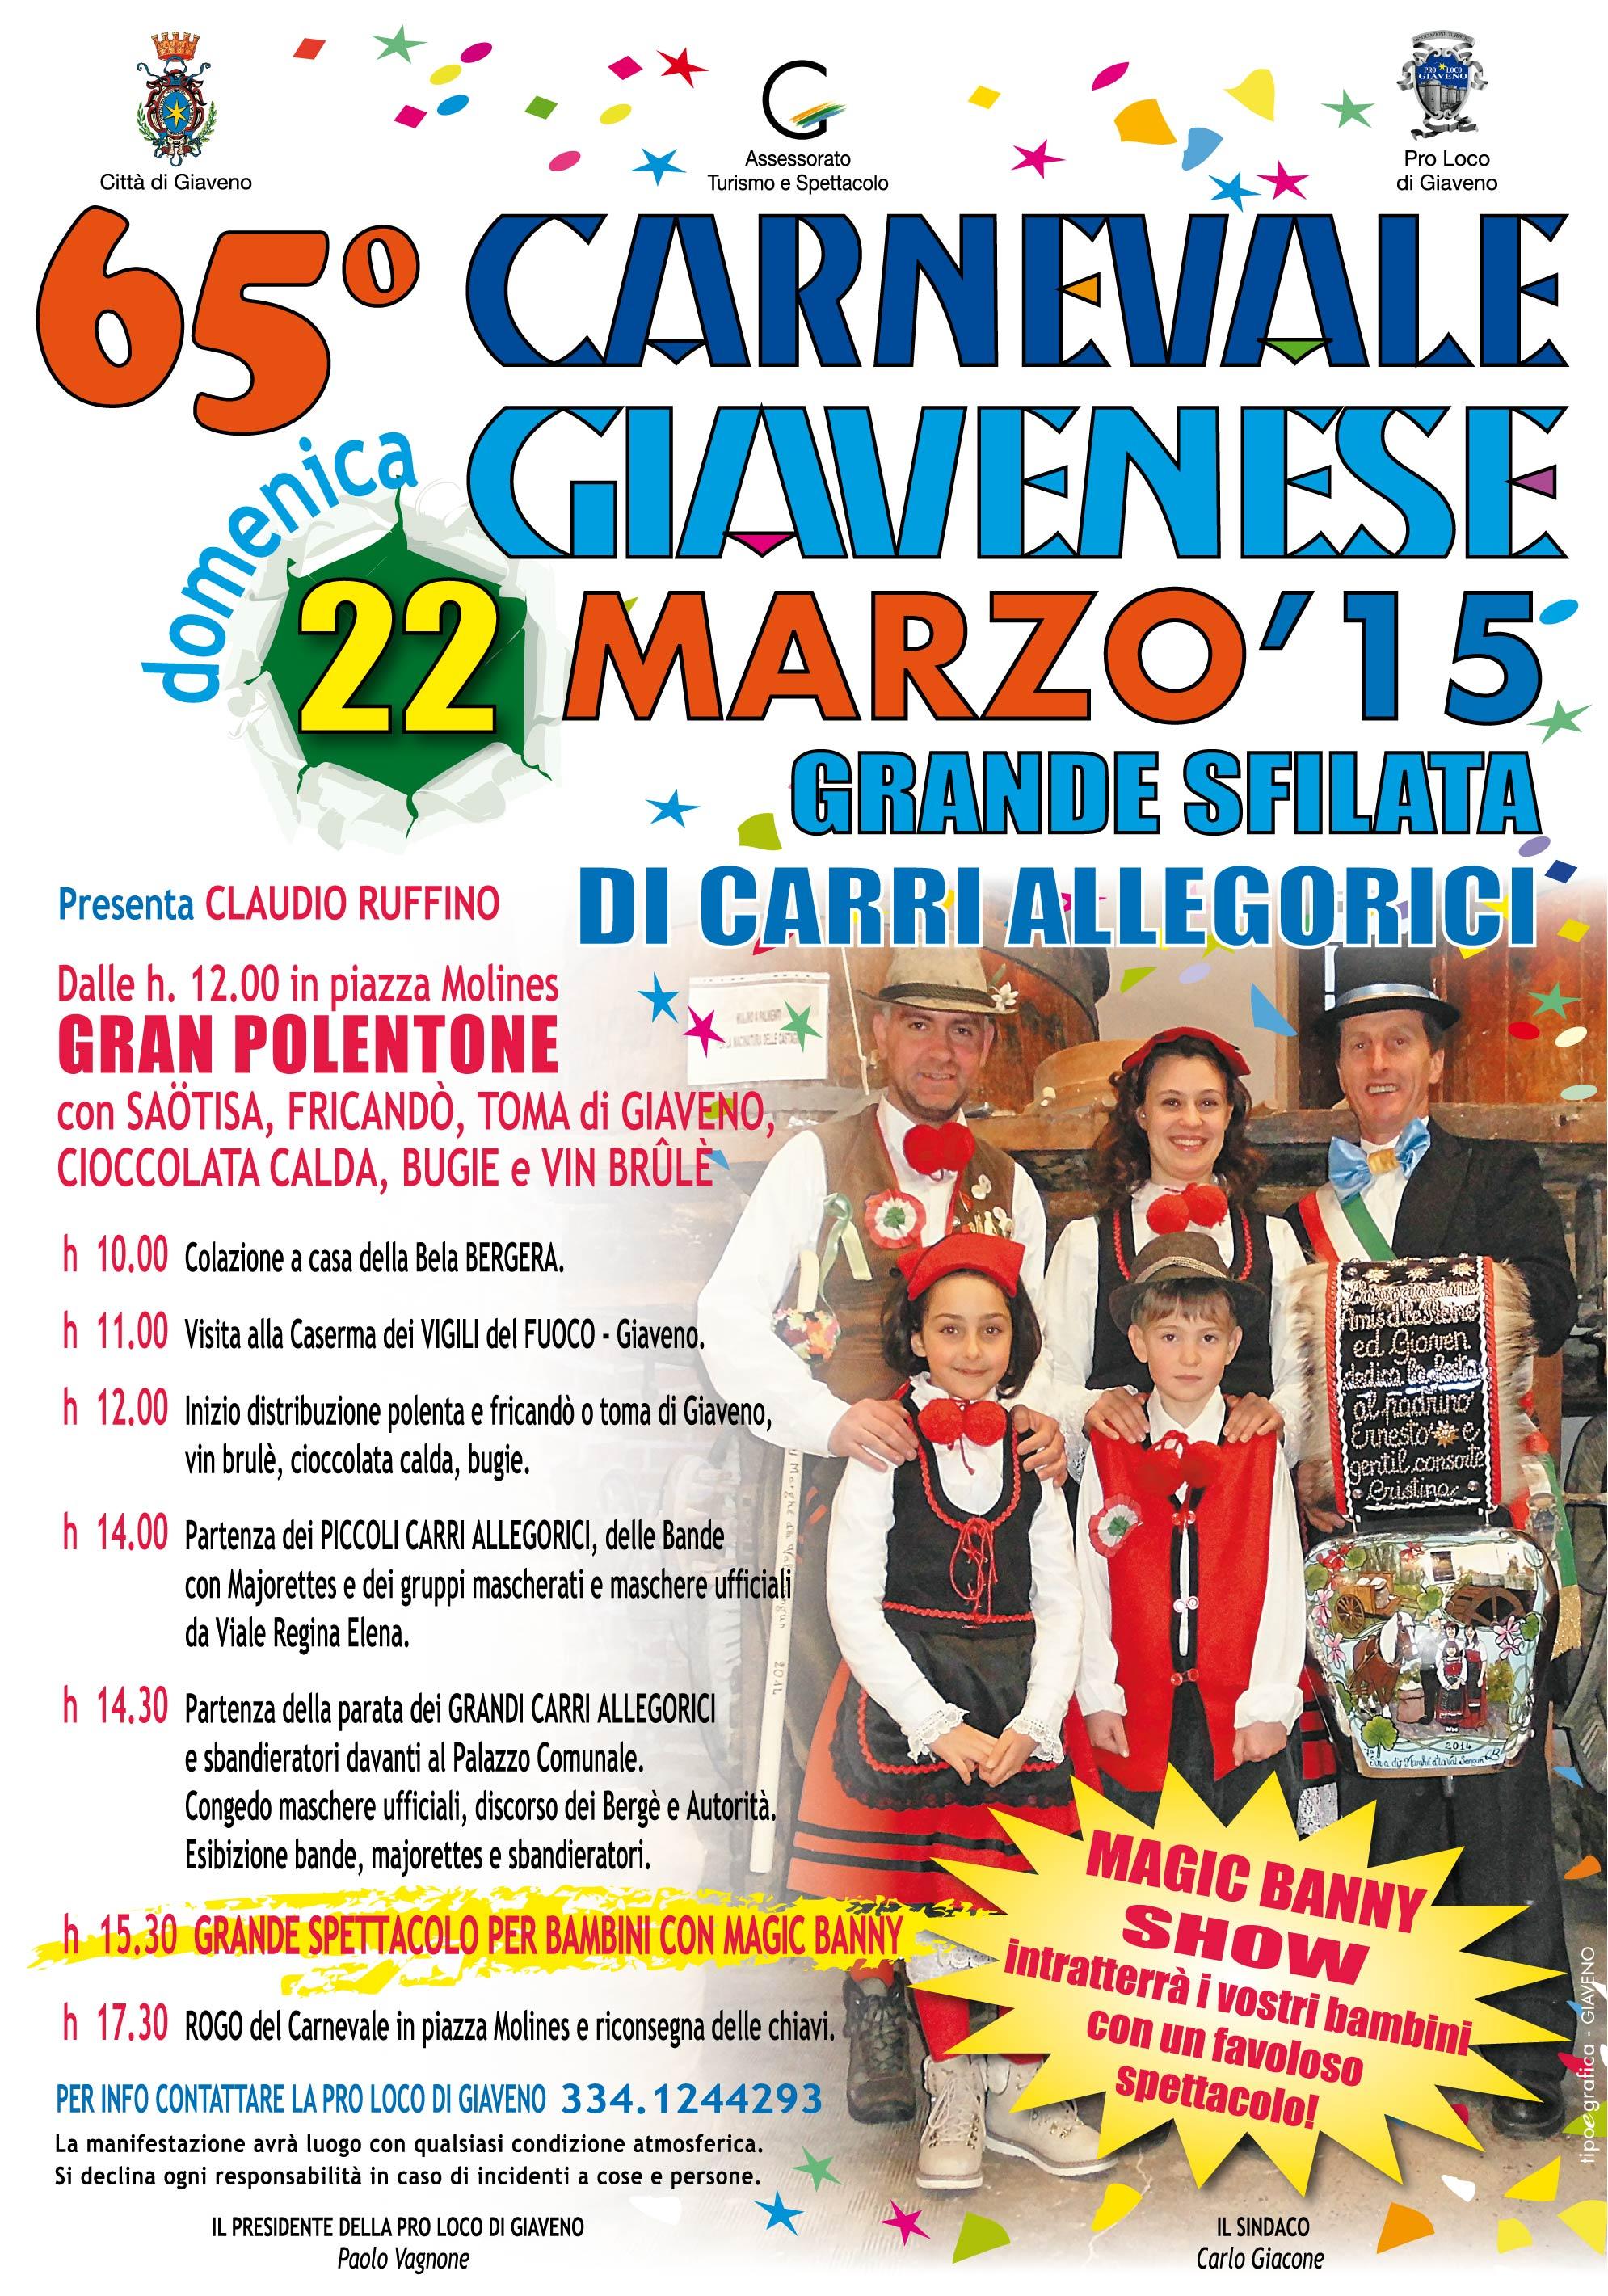 Appuntamento domenica 22 marzo 2015  con il 65° Carnevale Giavenese